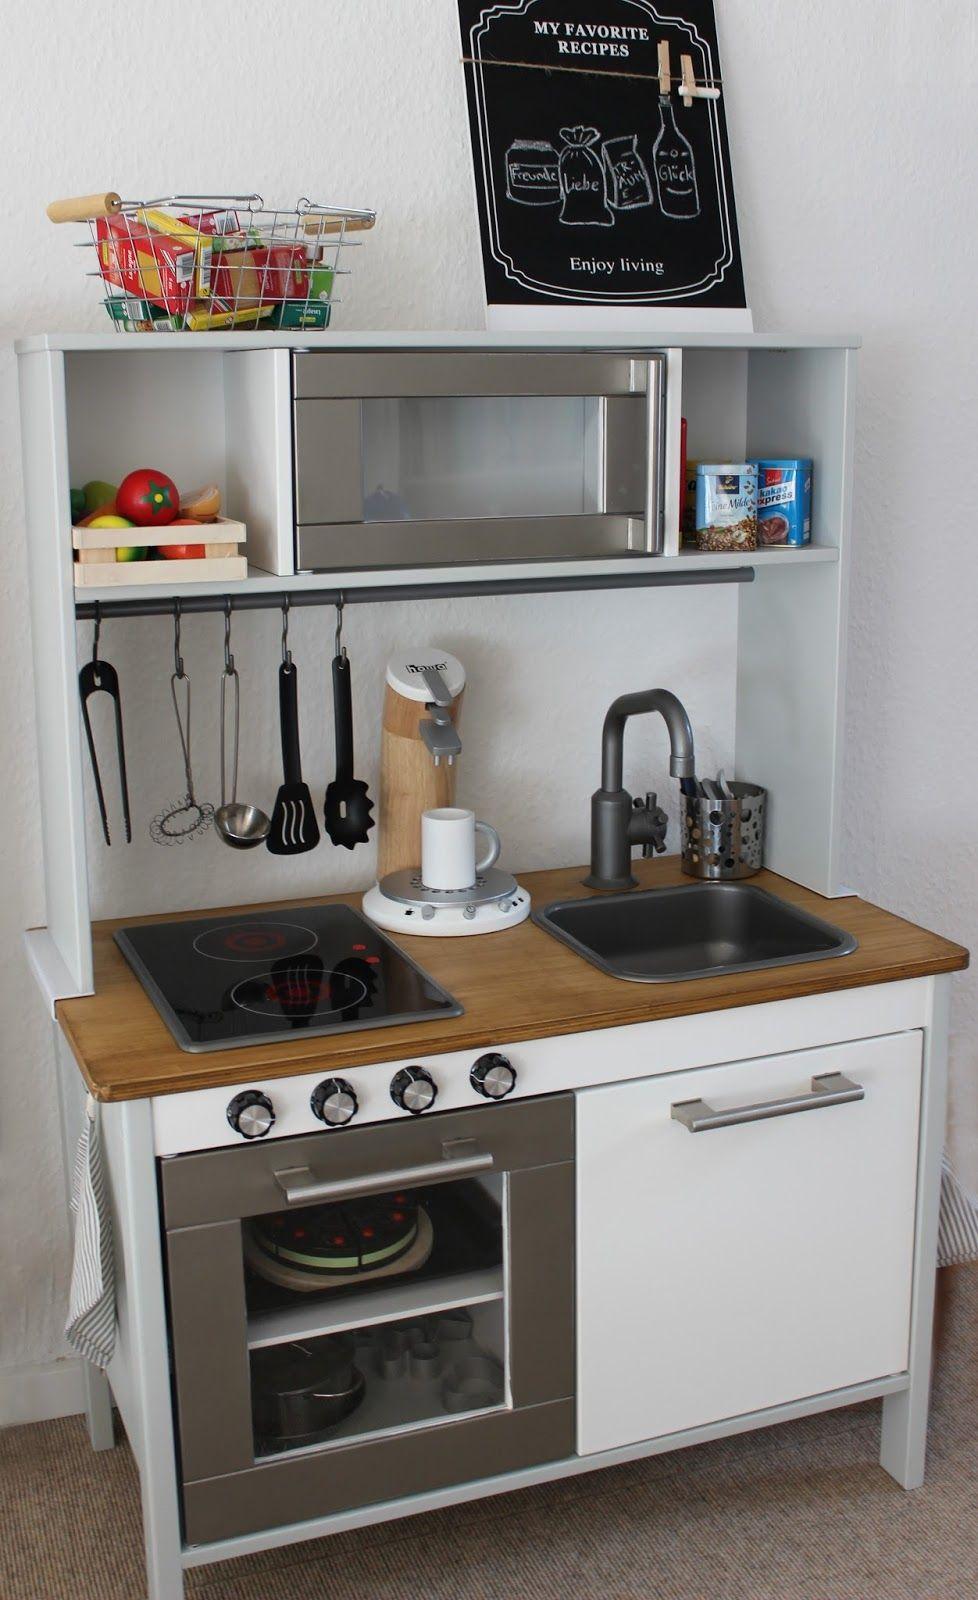 Die Ikea Duktig Spielkuche In Neuem Gewand Play Kitchens Ikea Kokken Bornerum